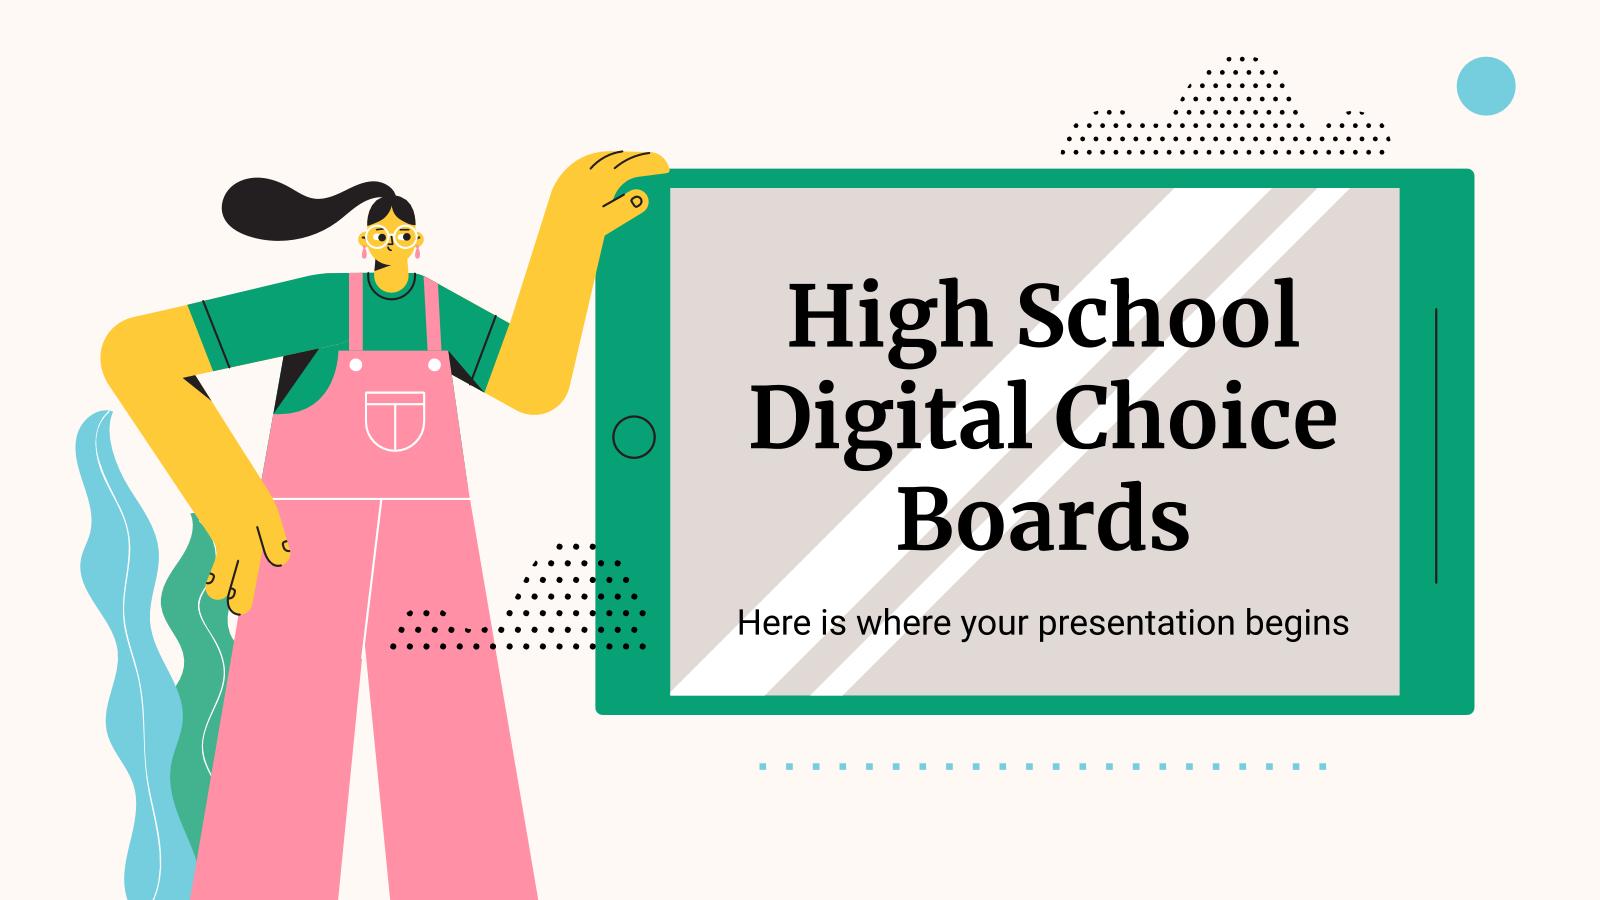 Tableau de sélection numériques pour le lycée : Modèles de présentation